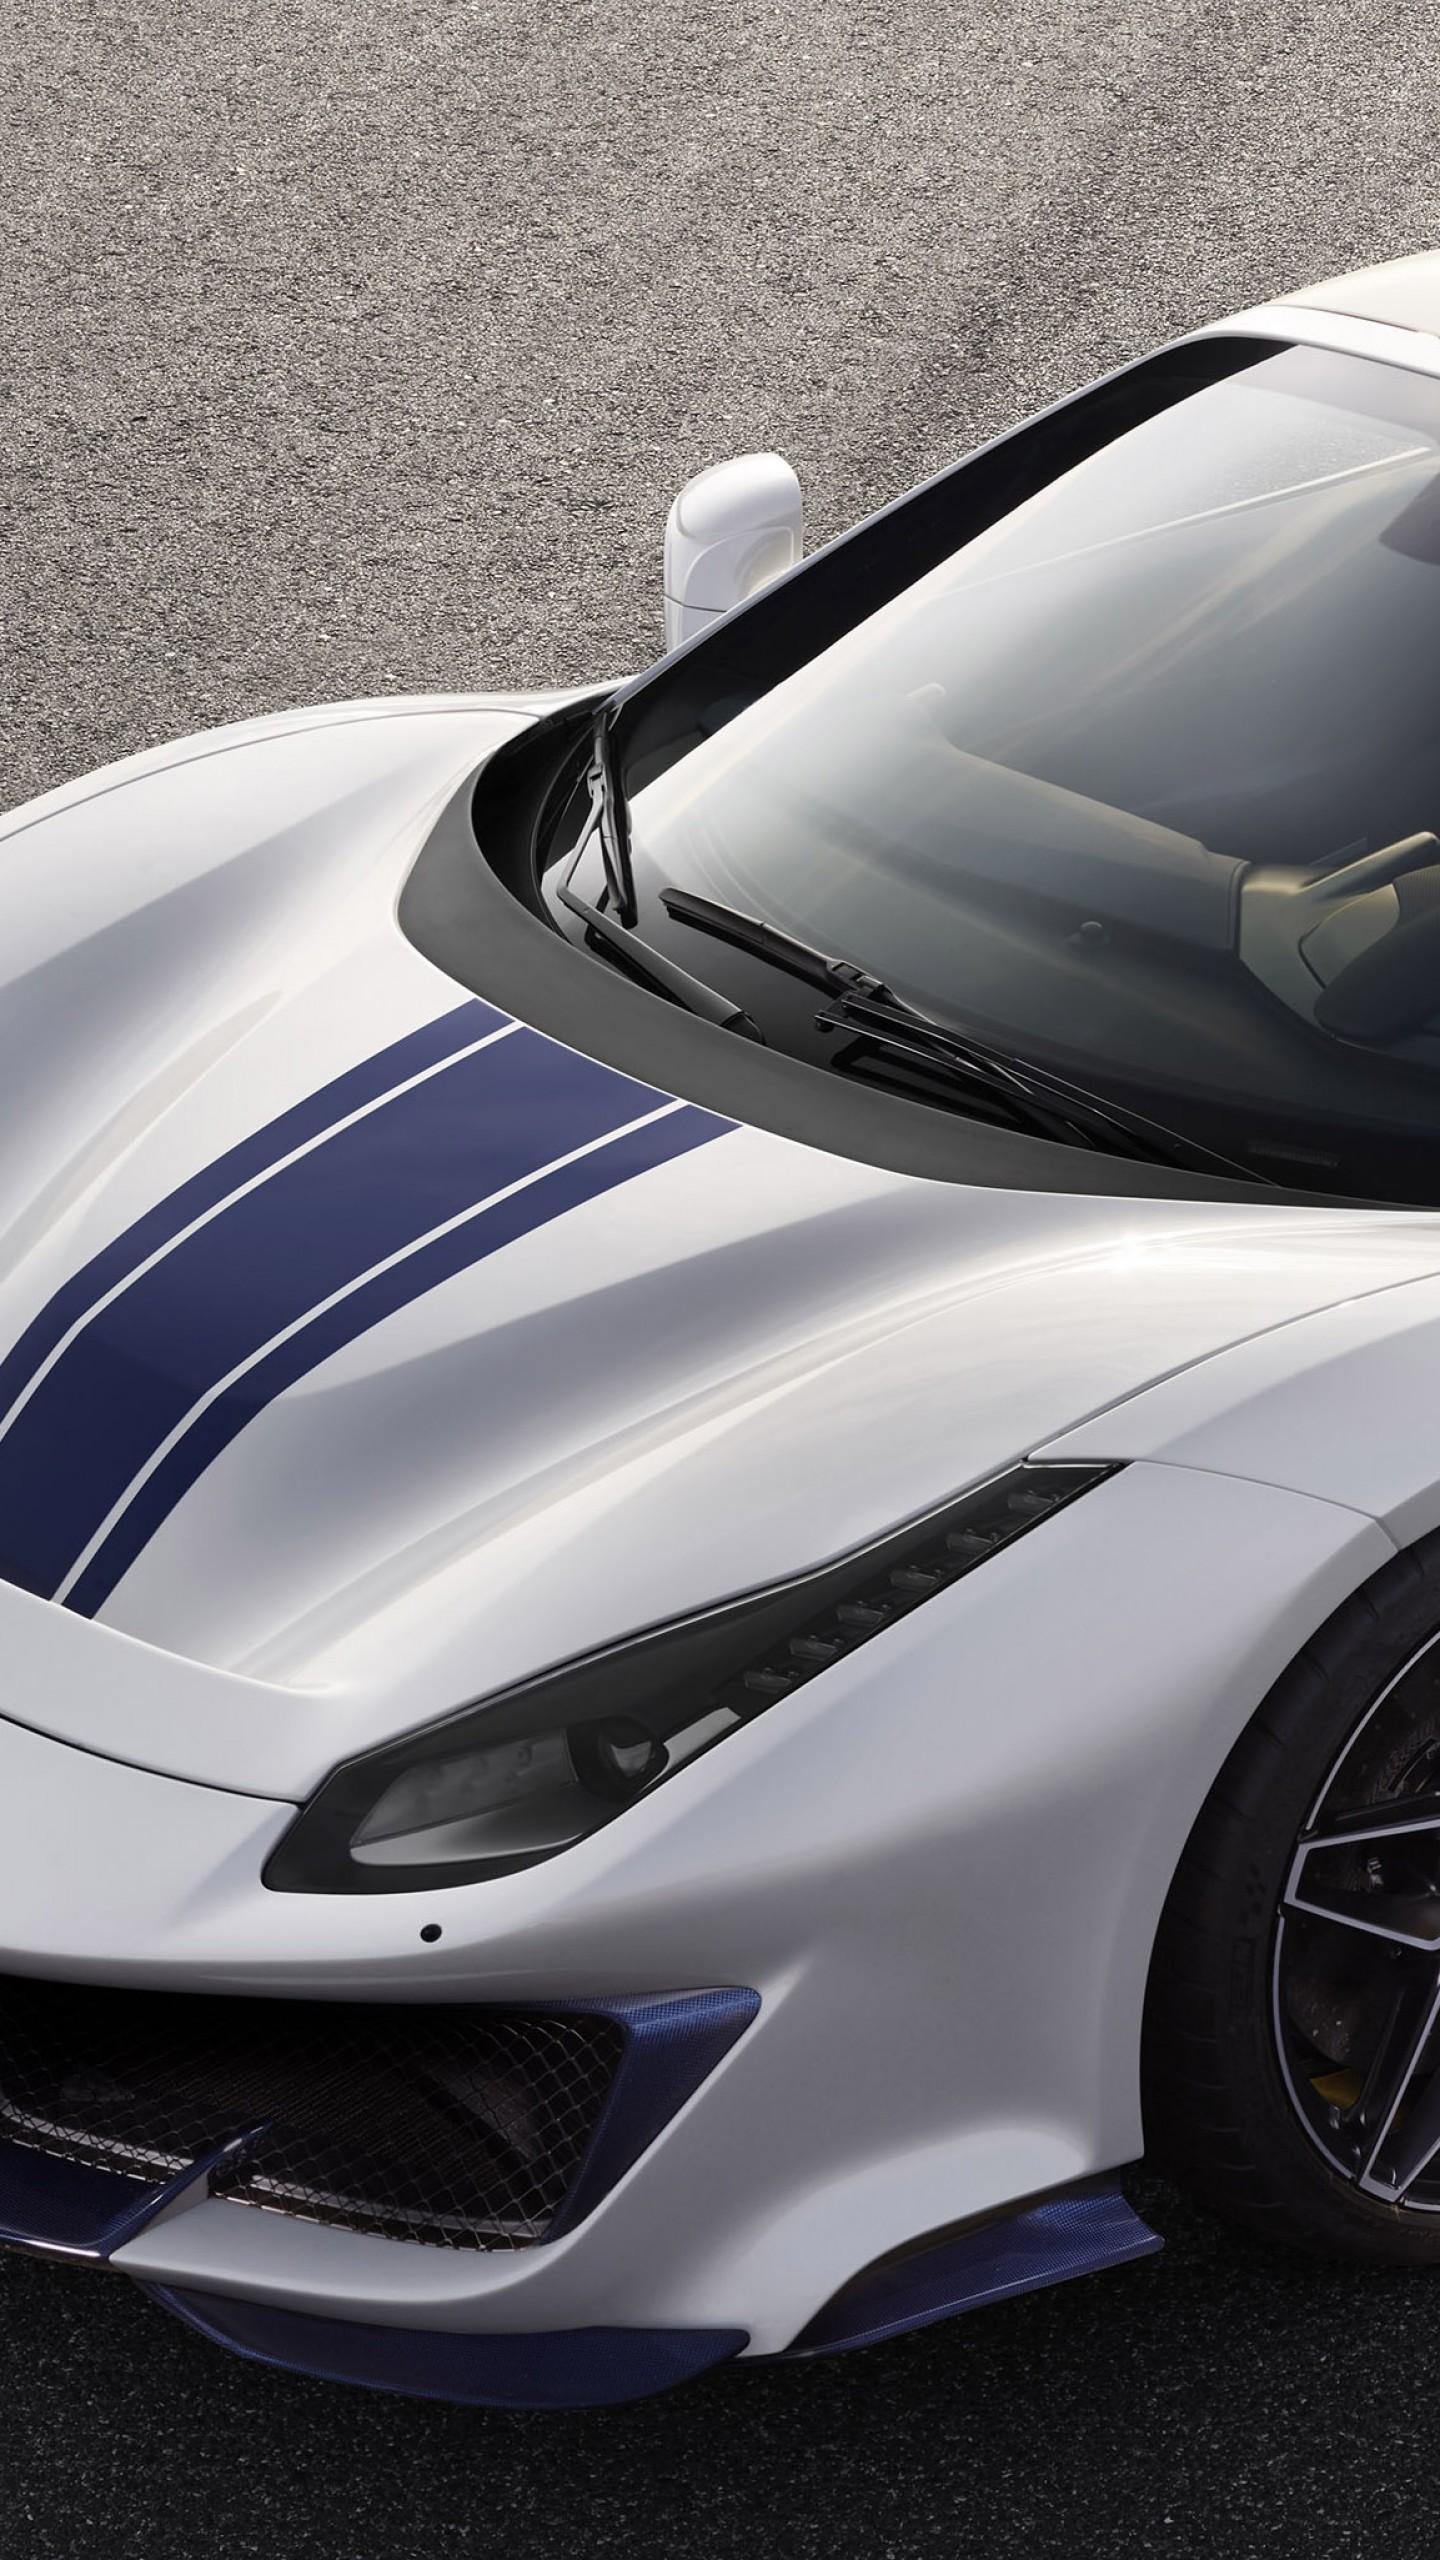 Wallpaper Ferrari 488 Pista Spider, 2019 Cars, supercar ...